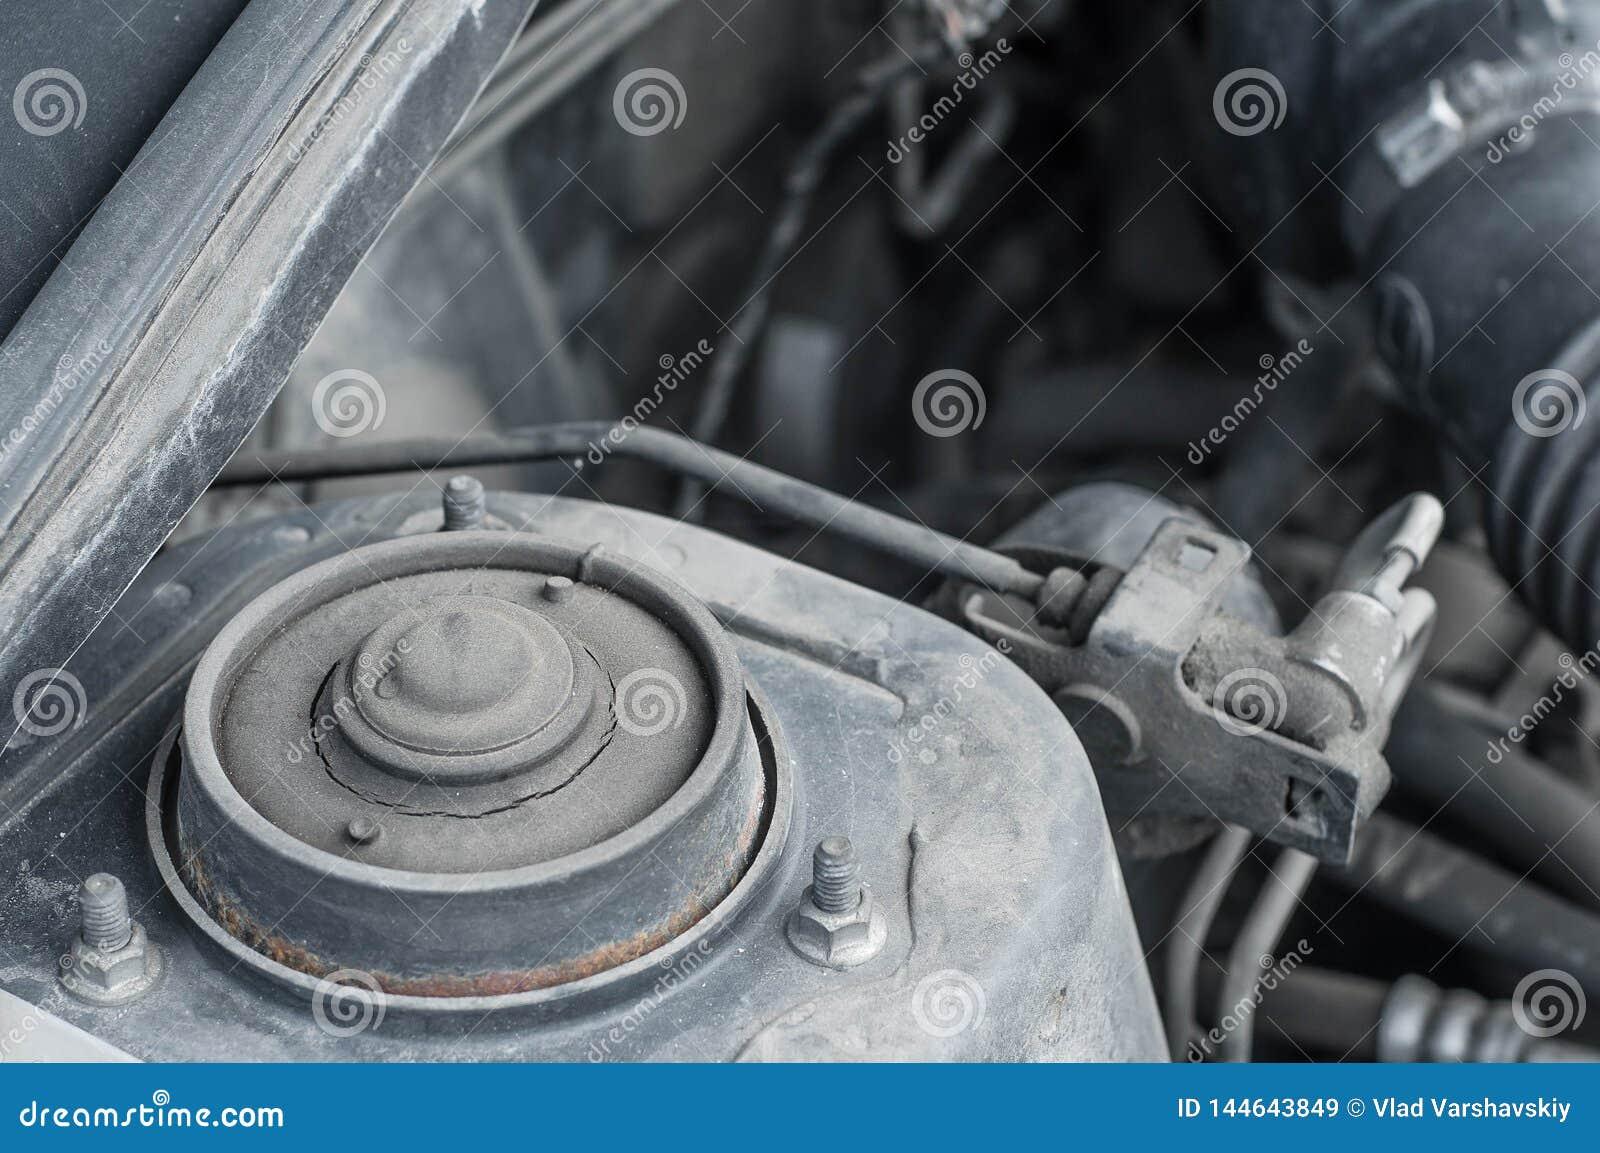 汽车在机舱的缓冲器架置